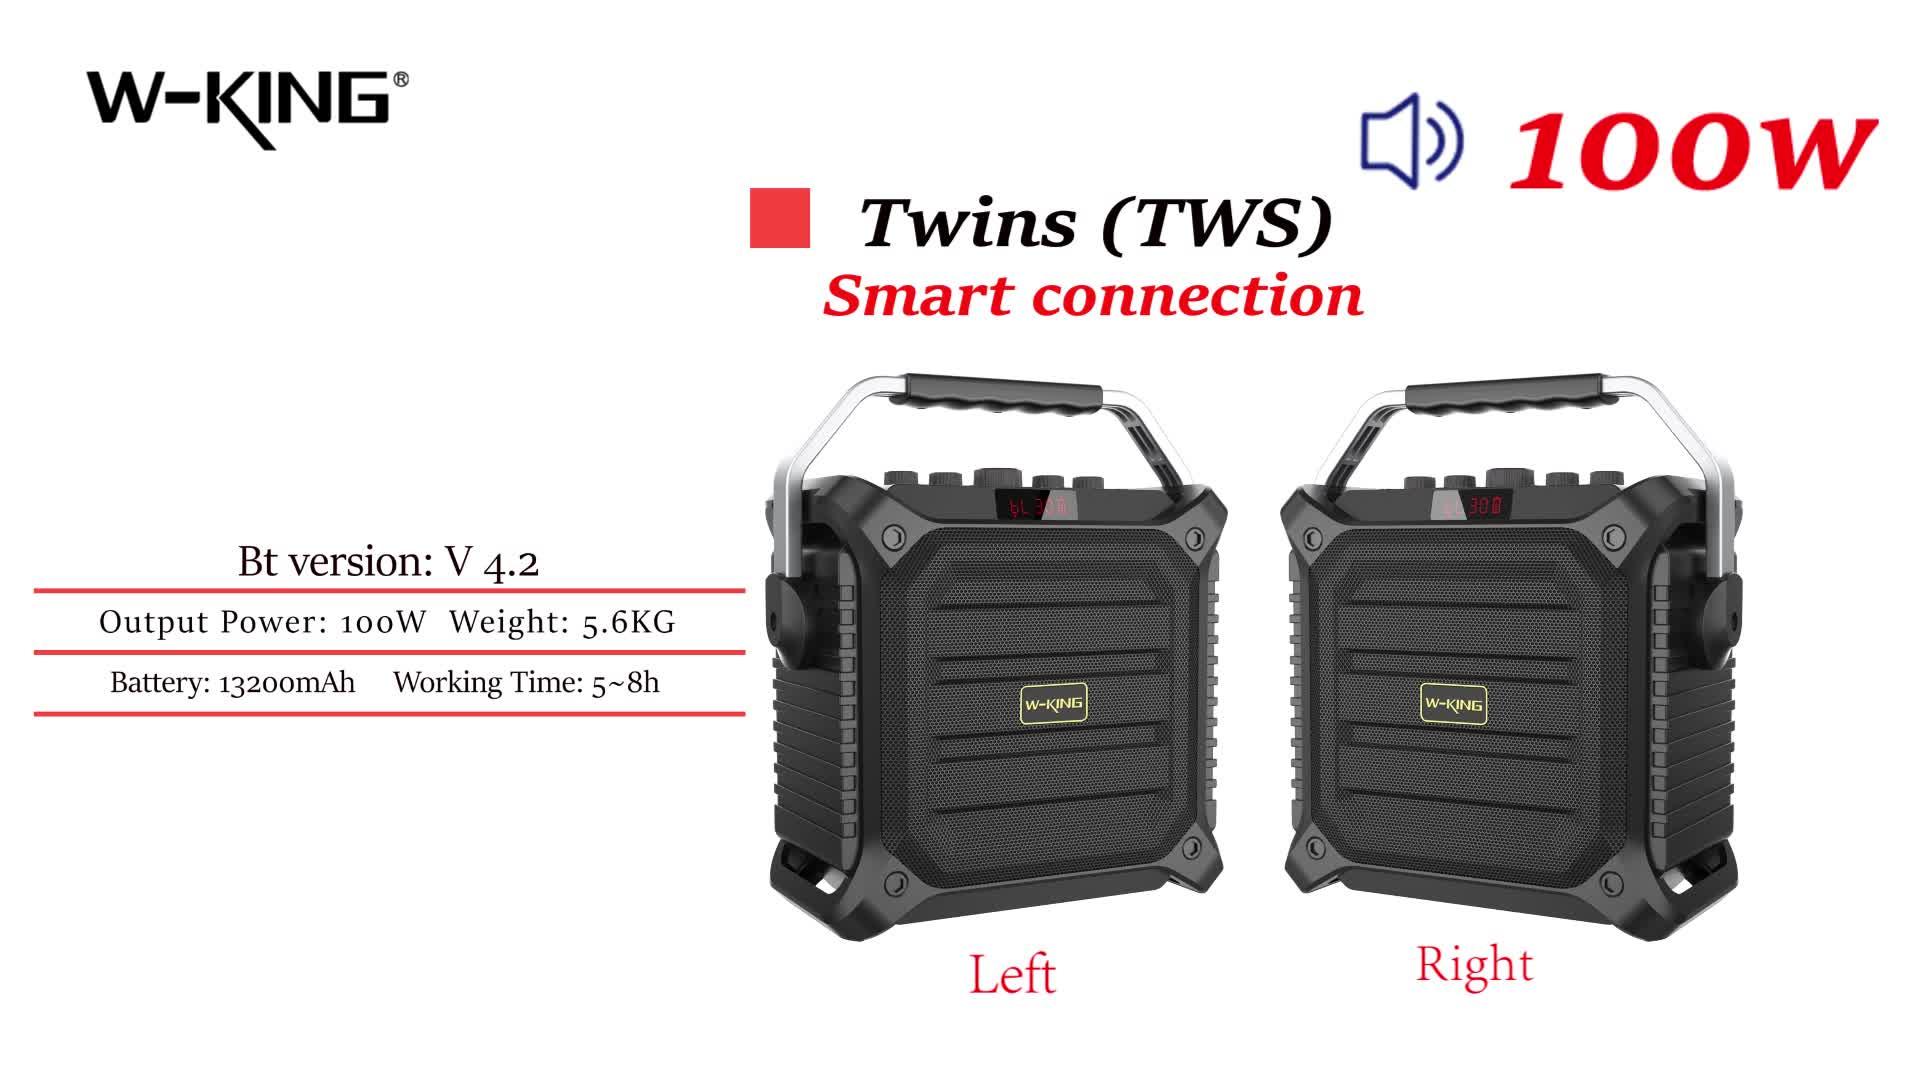 W-राजा सुपर बास 100W बड़े उत्पादन trolly दूरदराज के नियंत्रक के साथ स्पीकर, माइक्रोफोन ब्लूटूथ वायरलेस स्पीकर